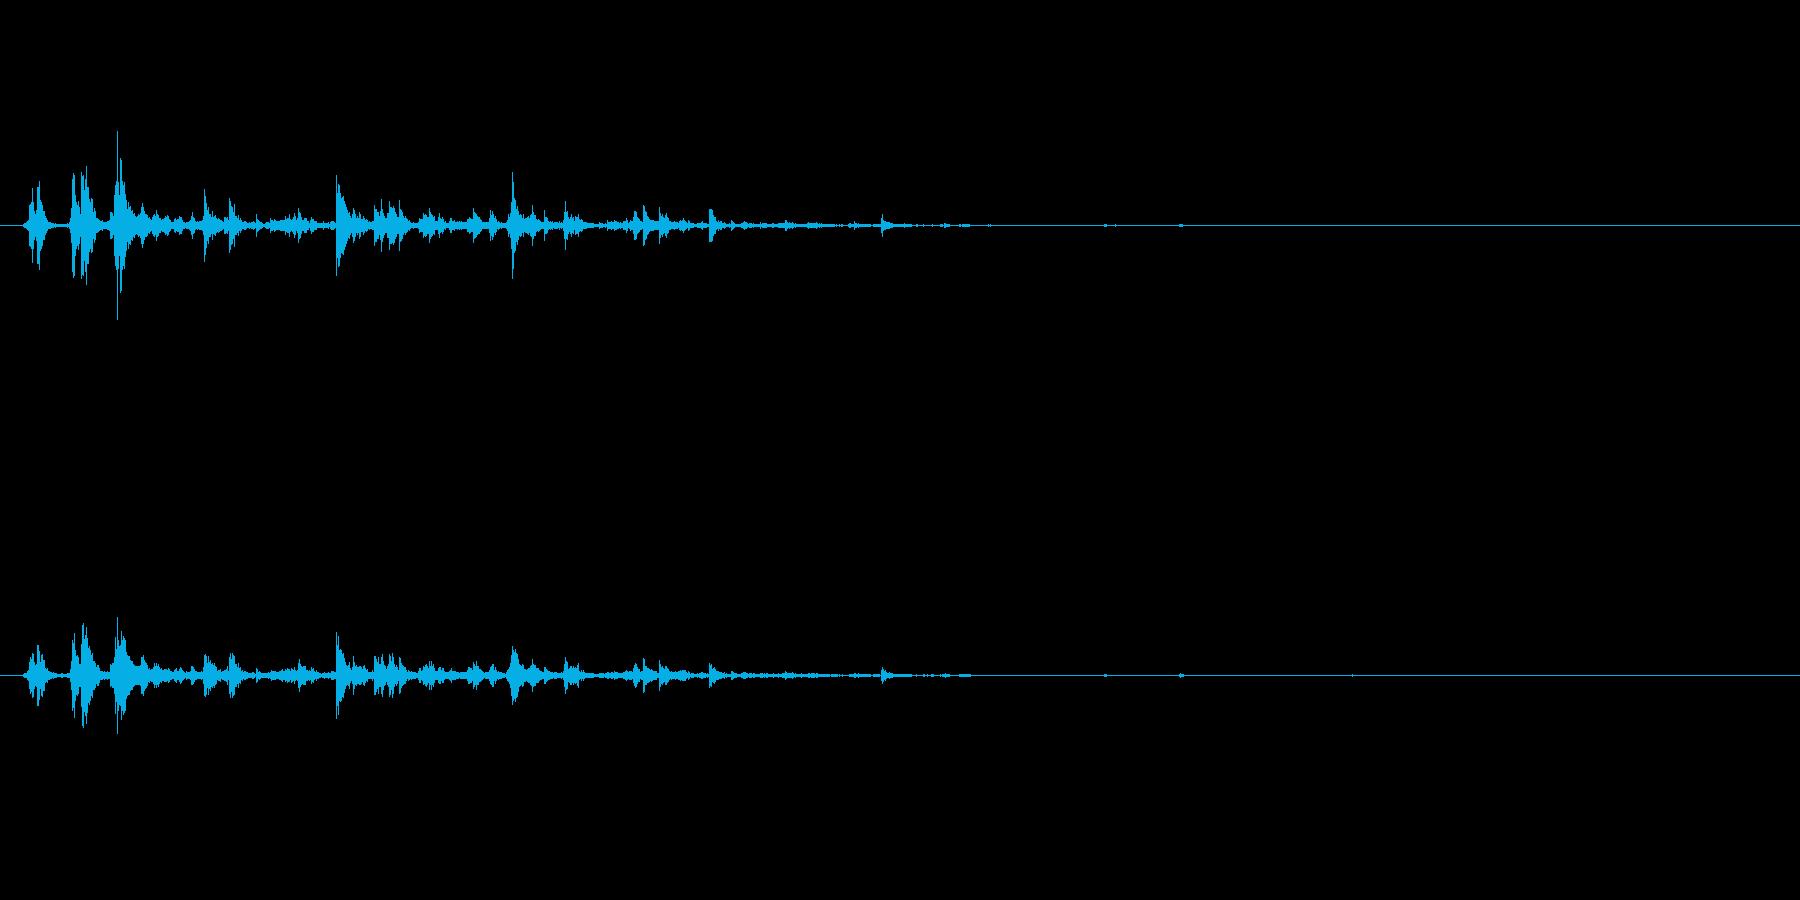 パリパリーン(氷を割る音)の再生済みの波形